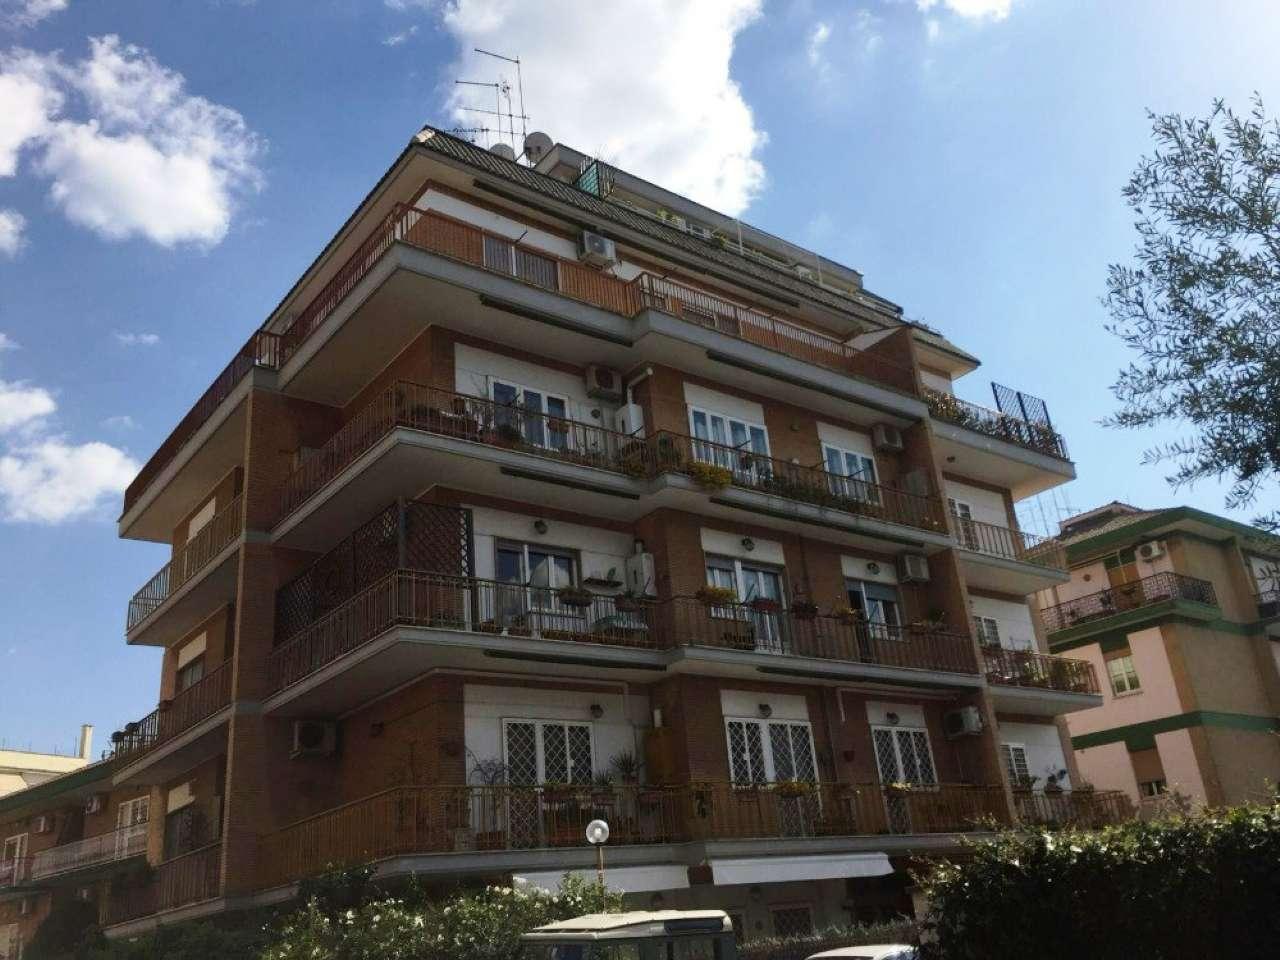 Appartamento in vendita a Roma, 2 locali, zona Zona: 28 . Torrevecchia - Pineta Sacchetti - Ottavia, prezzo € 209.000 | CambioCasa.it